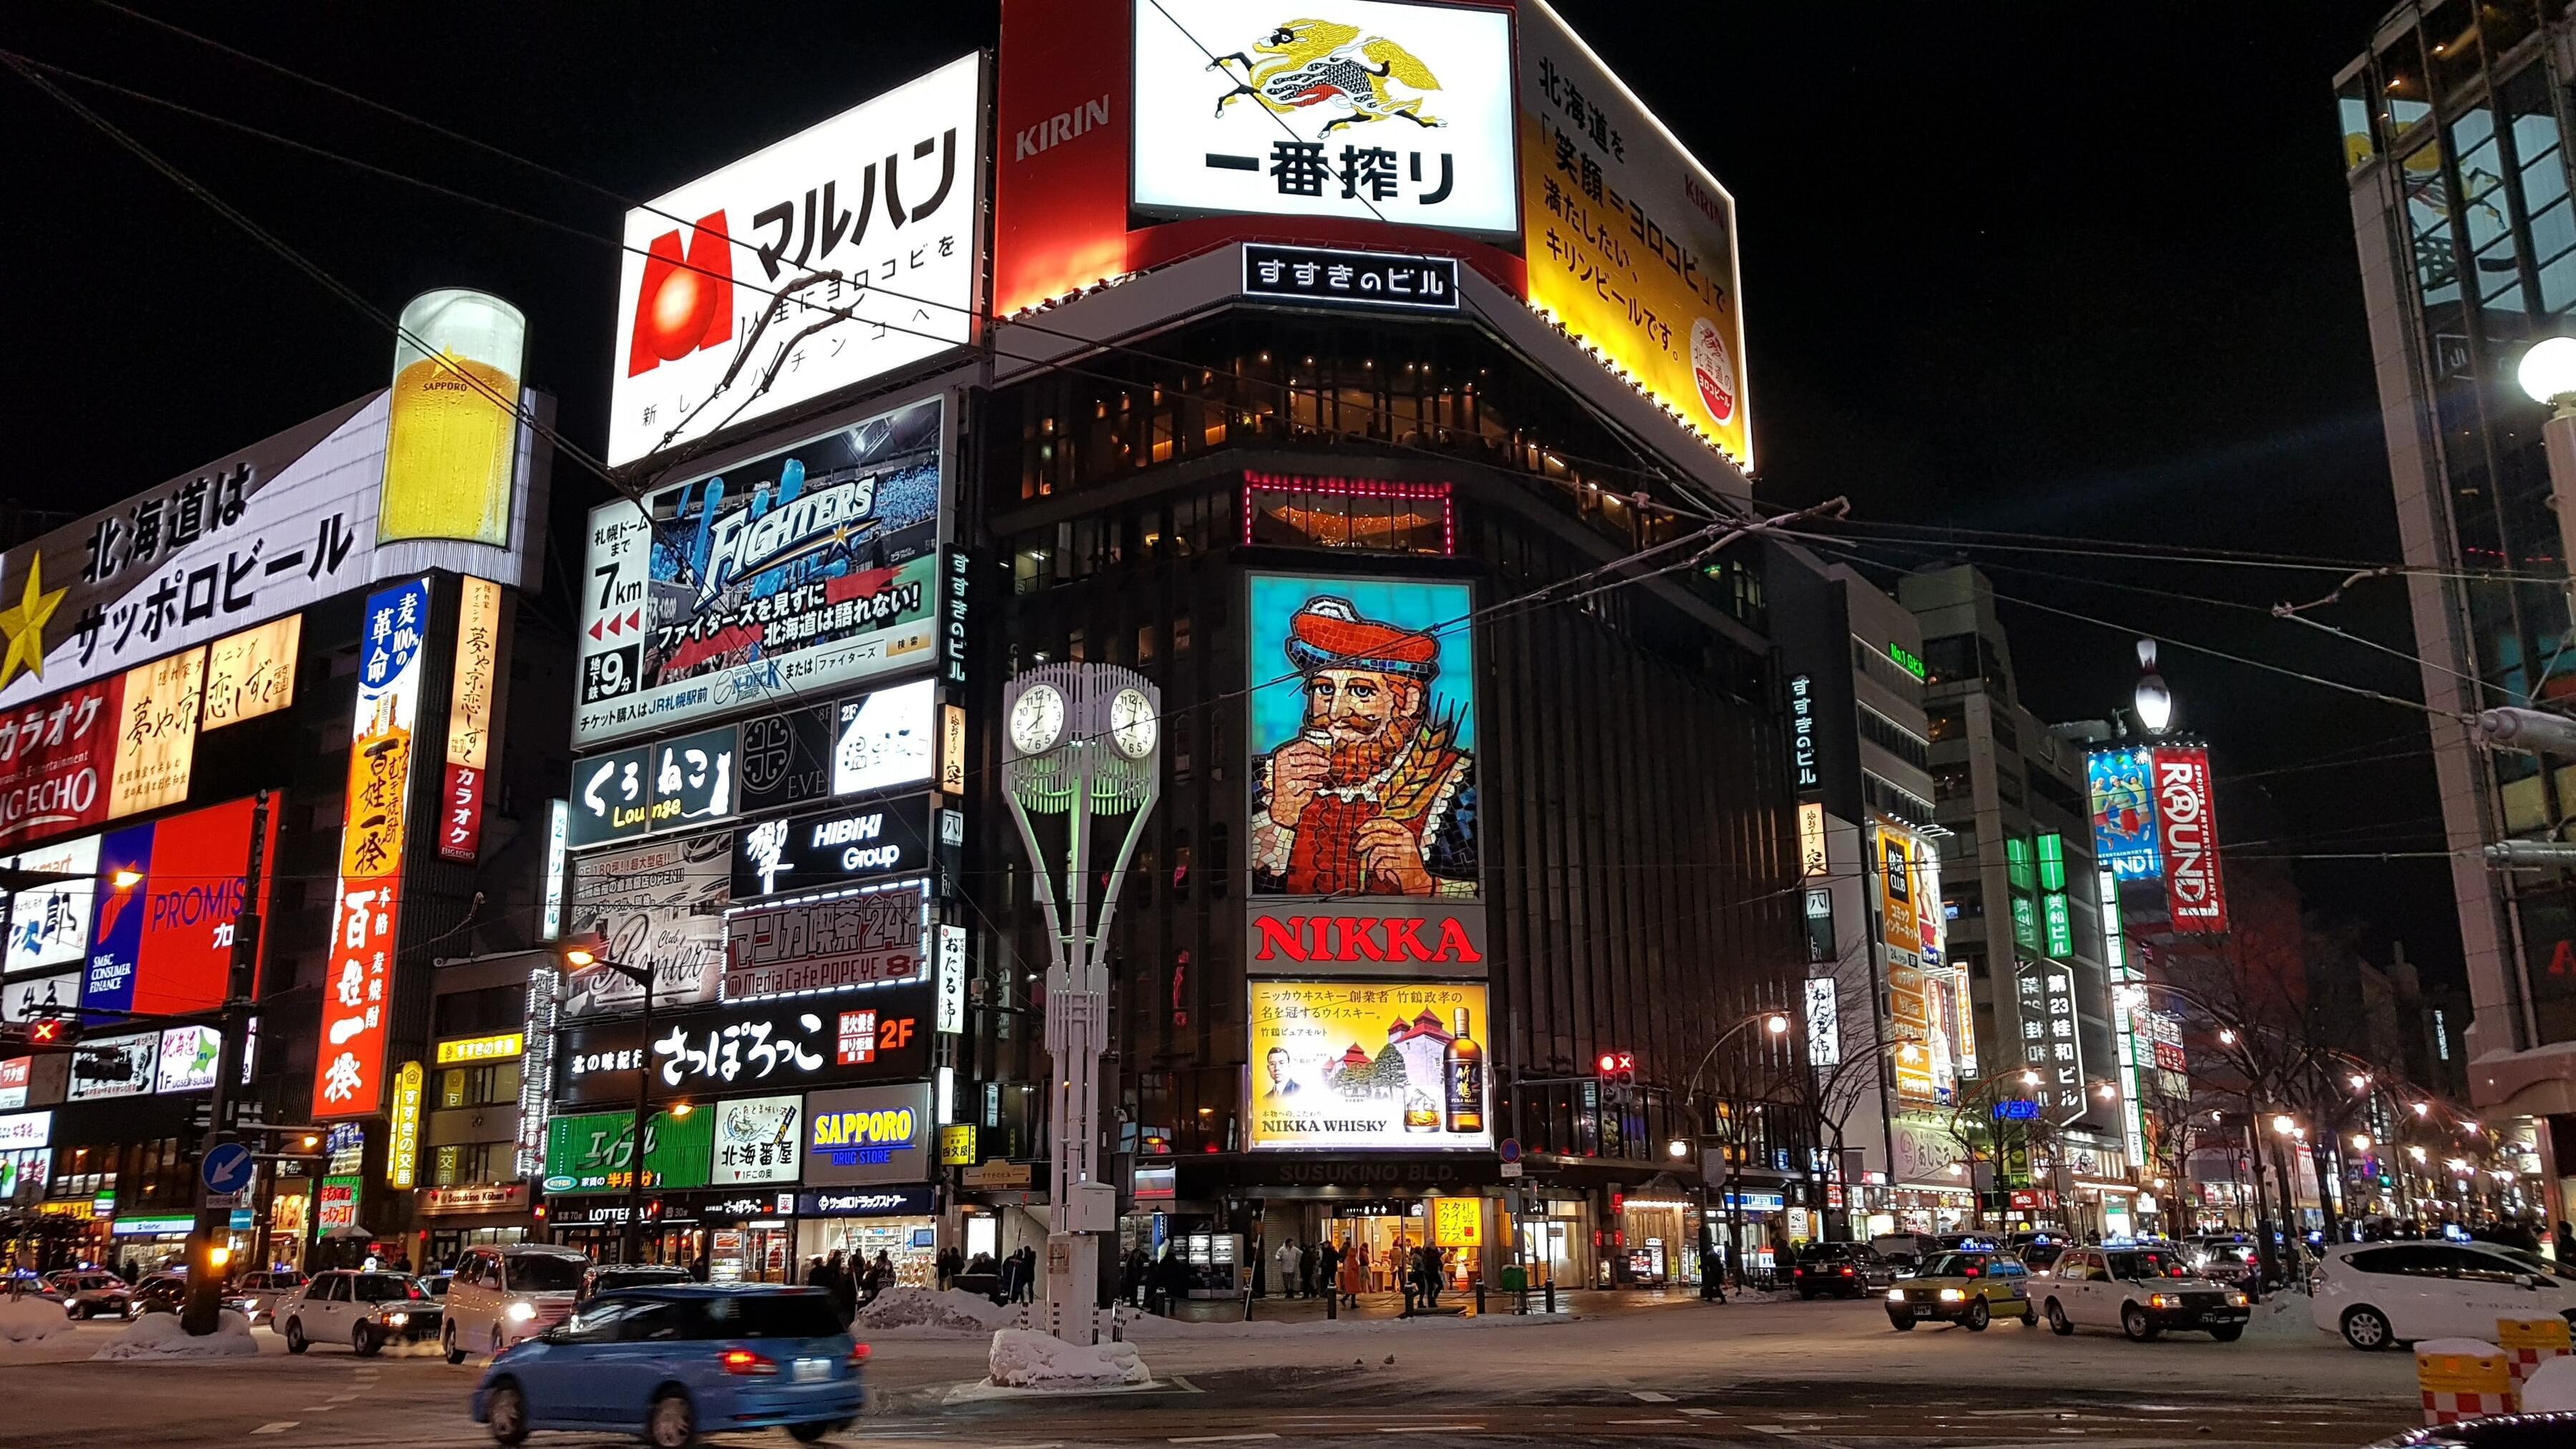 【フルリモート】将来的には札幌への移住を考えている、バックエンドエンジニアを募集します!札幌オフィス勤務もOK